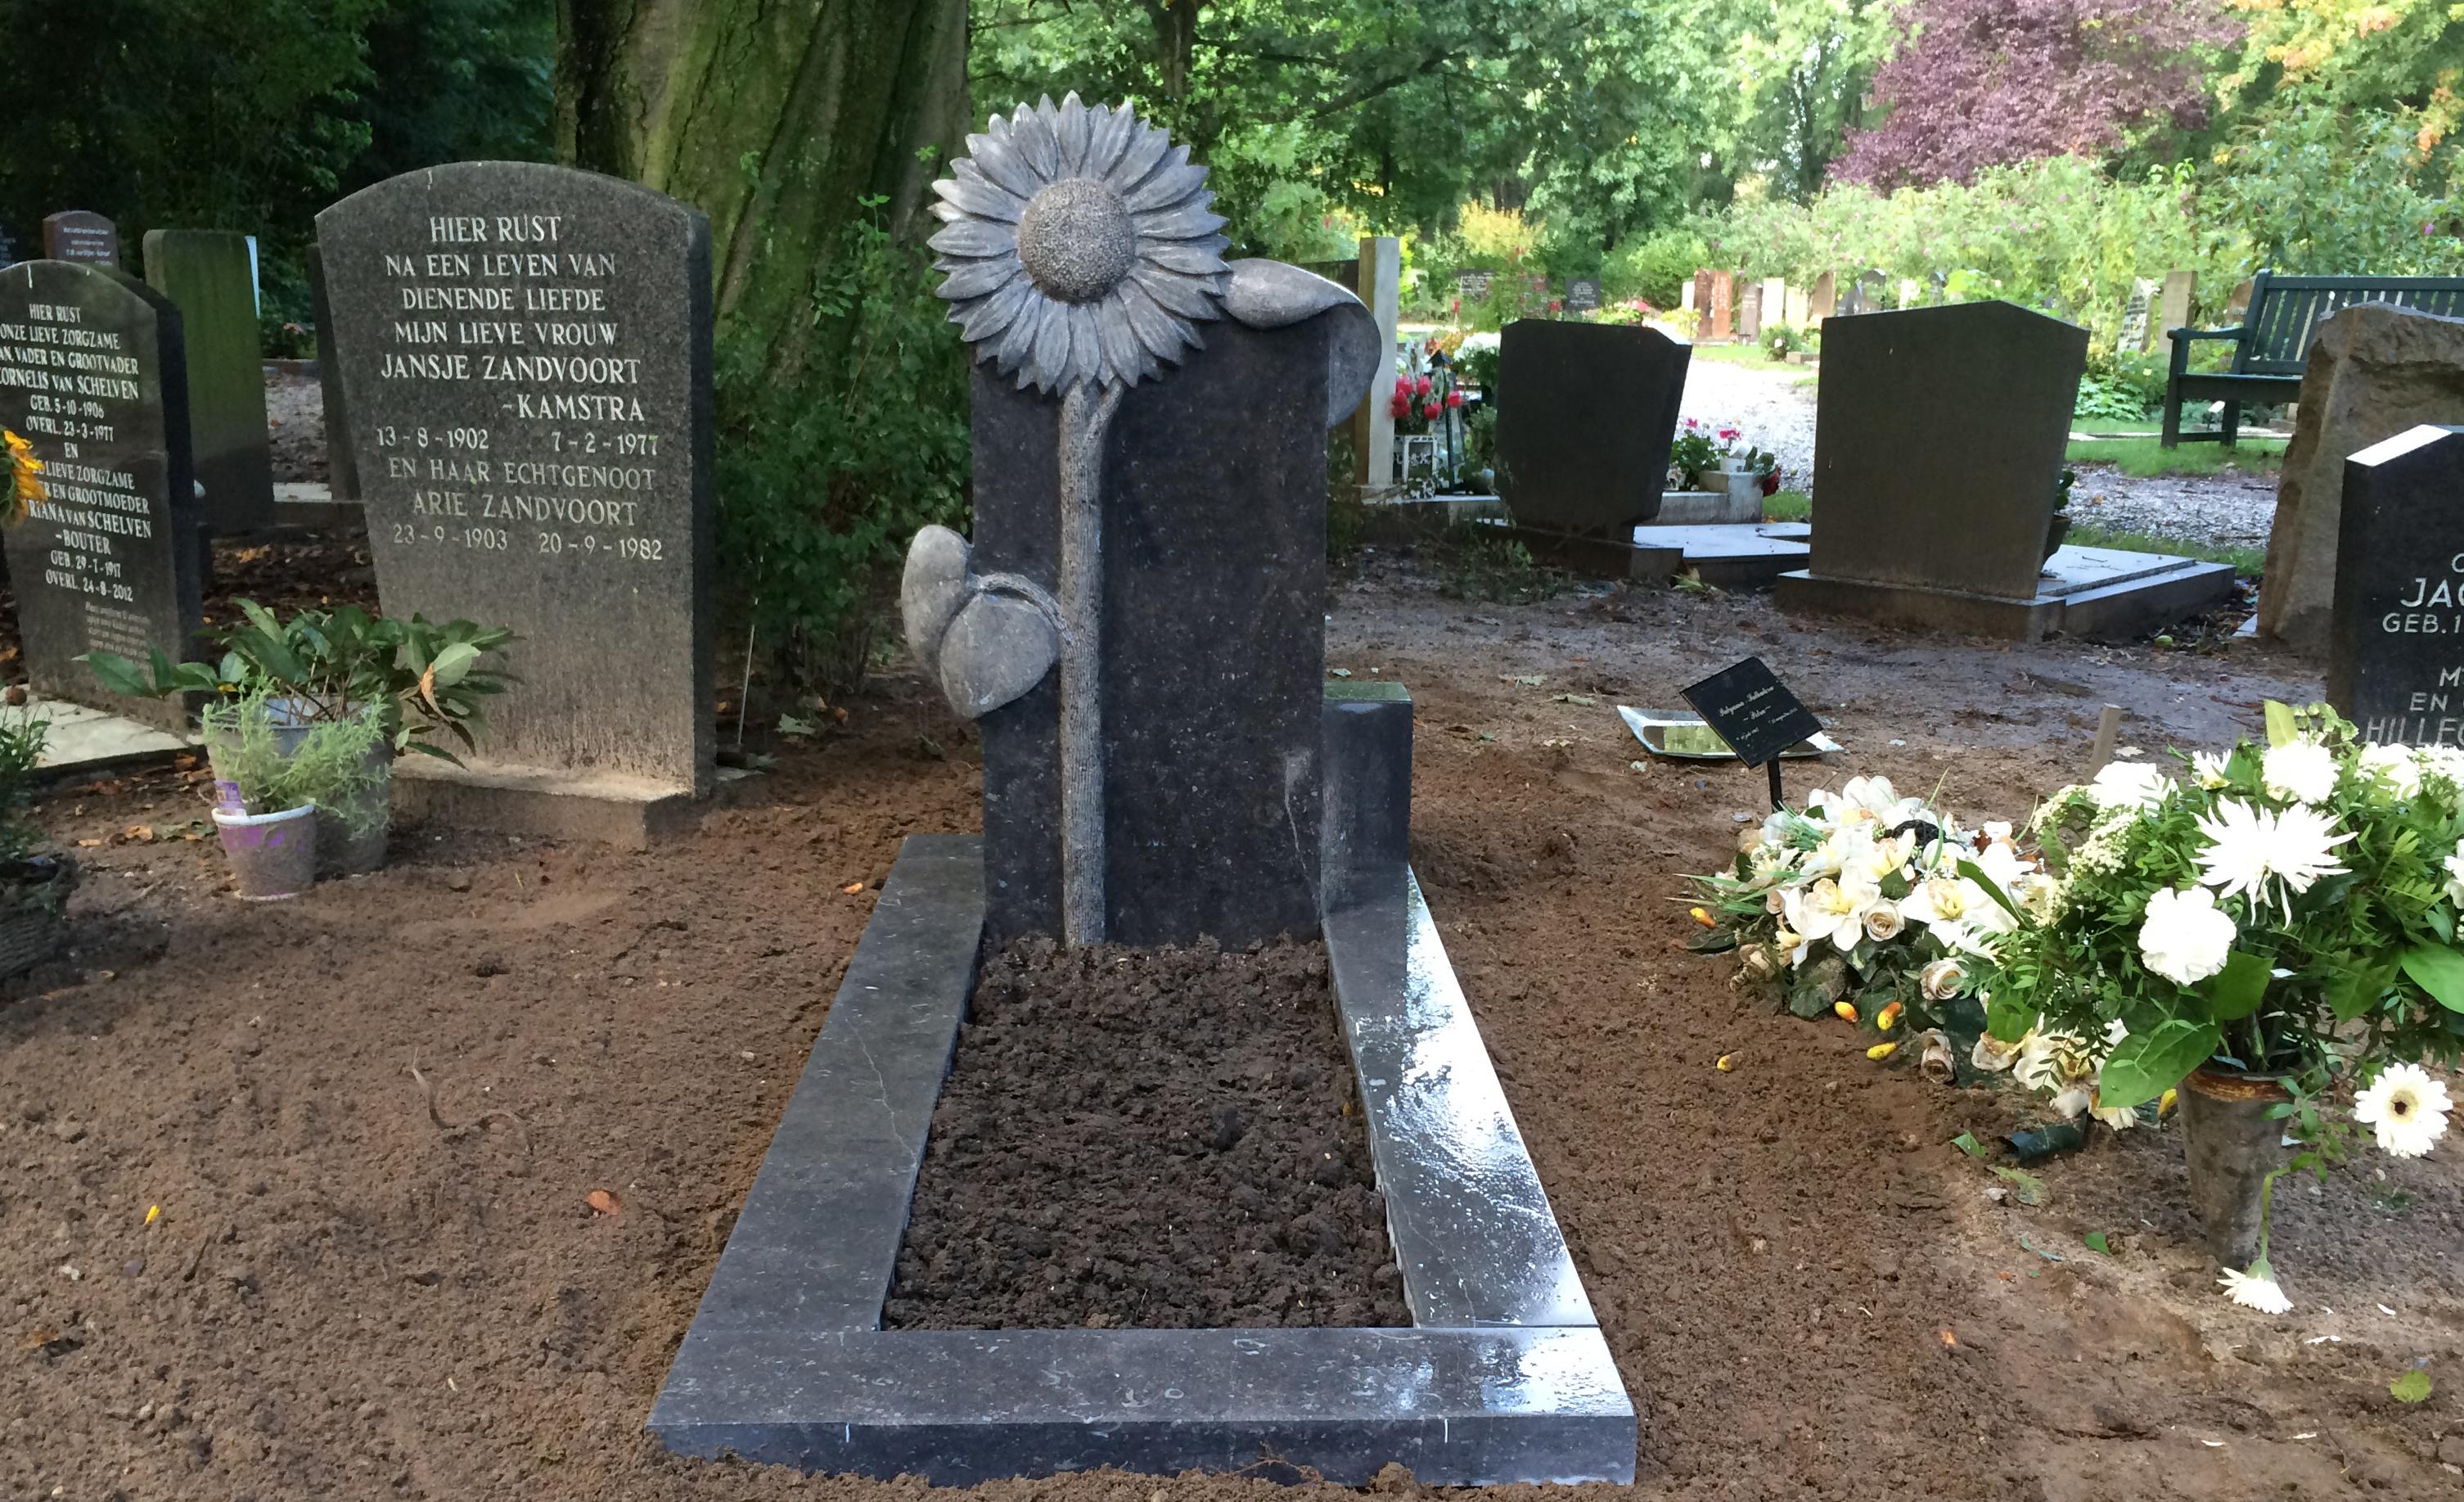 gedenkbeeld zonnebloem 2015 Marianne van den Heuvel